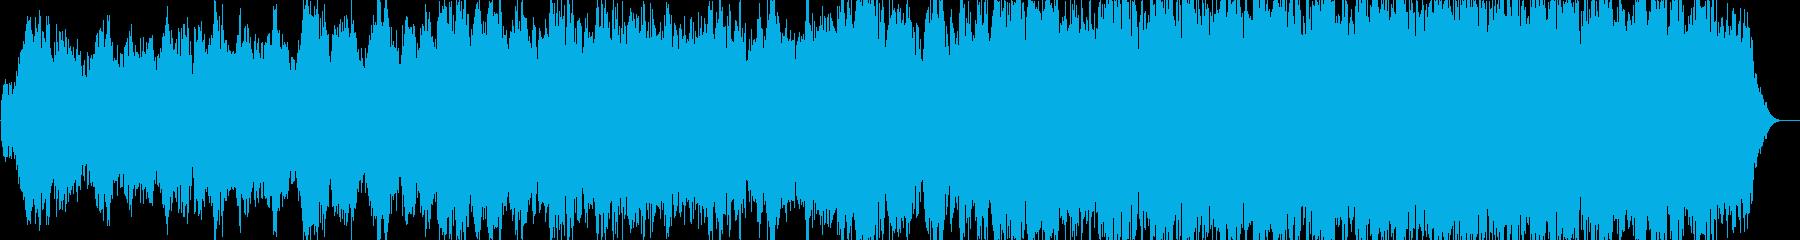 癒し系女性ボーカルの再生済みの波形